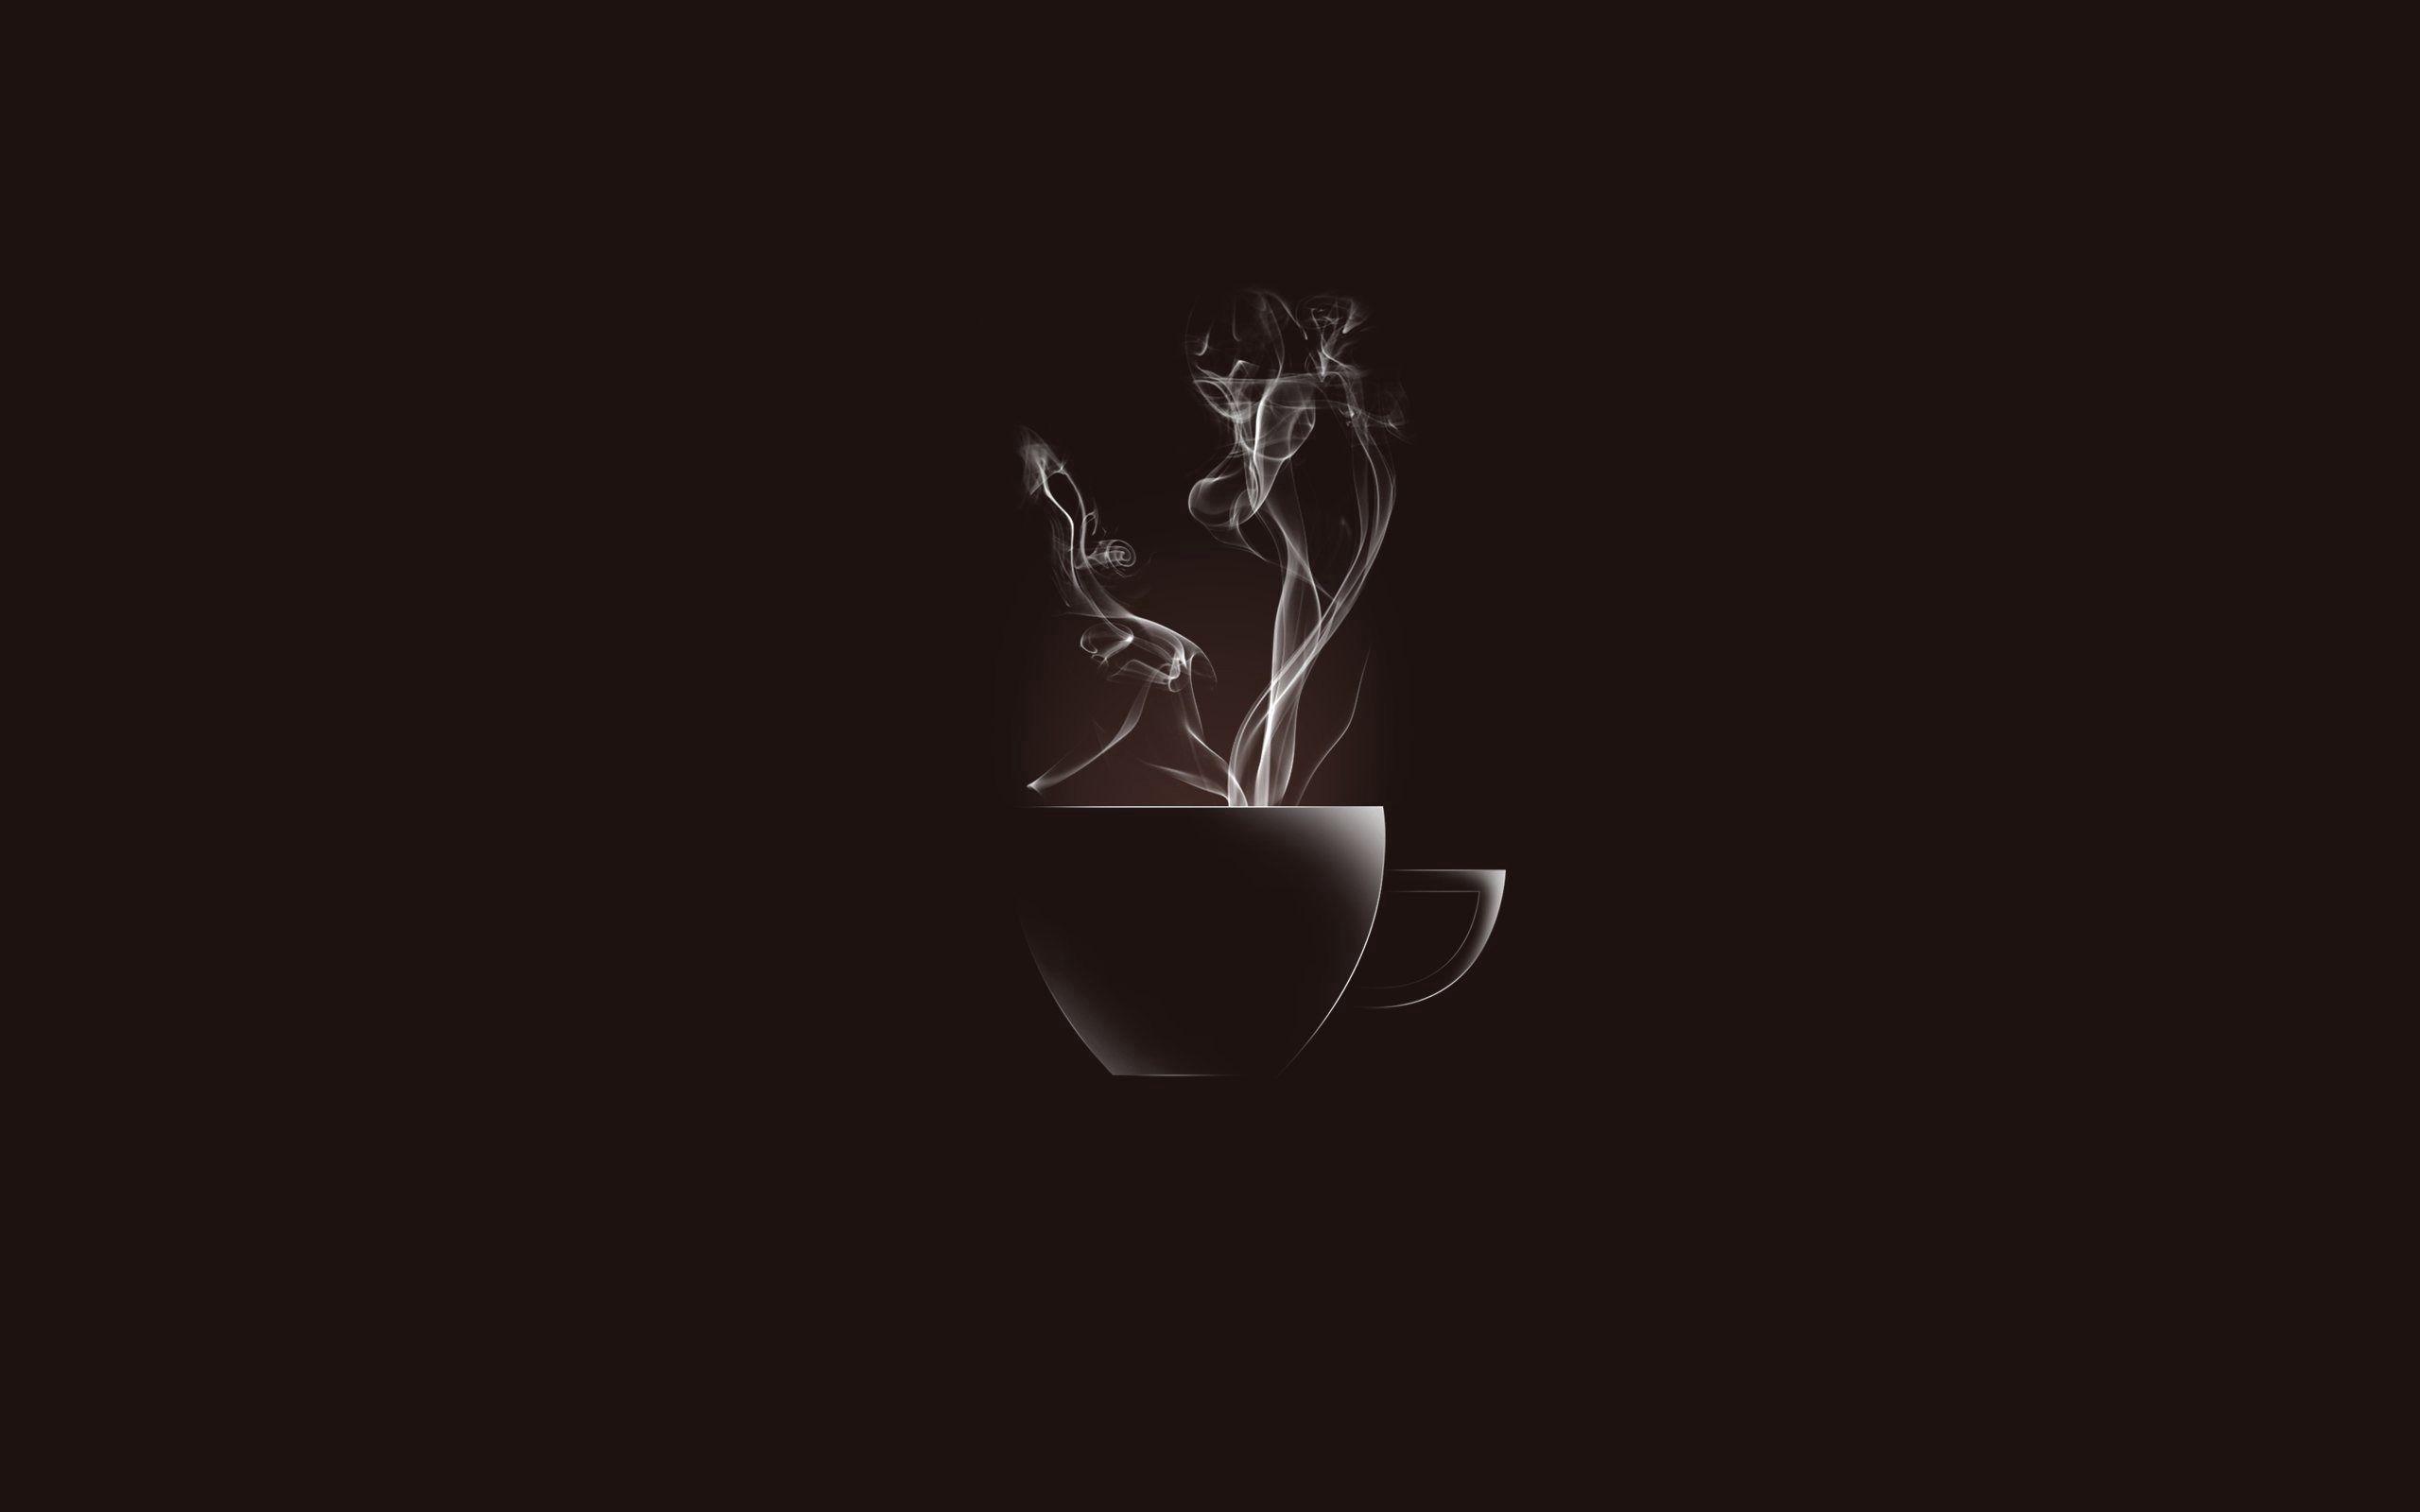 132362 Заставки и Обои Темные на телефон. Скачать Темные, Кофе, Пар, Essence картинки бесплатно